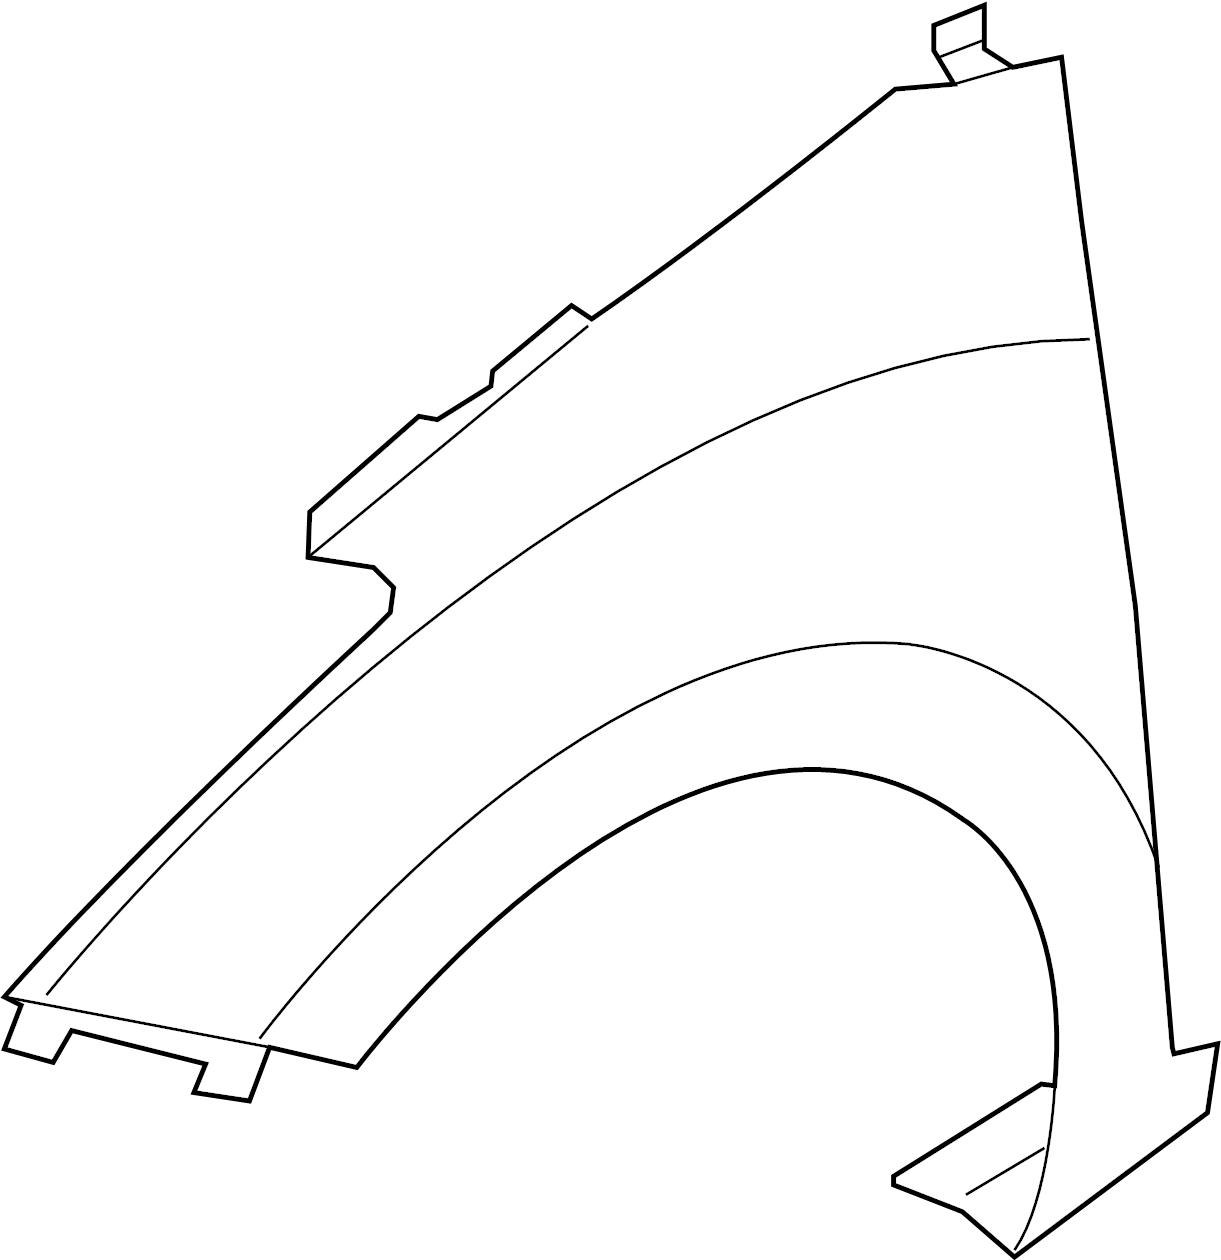 2016 hyundai elantra gt fender assembly  panel - fender  right hand  rh